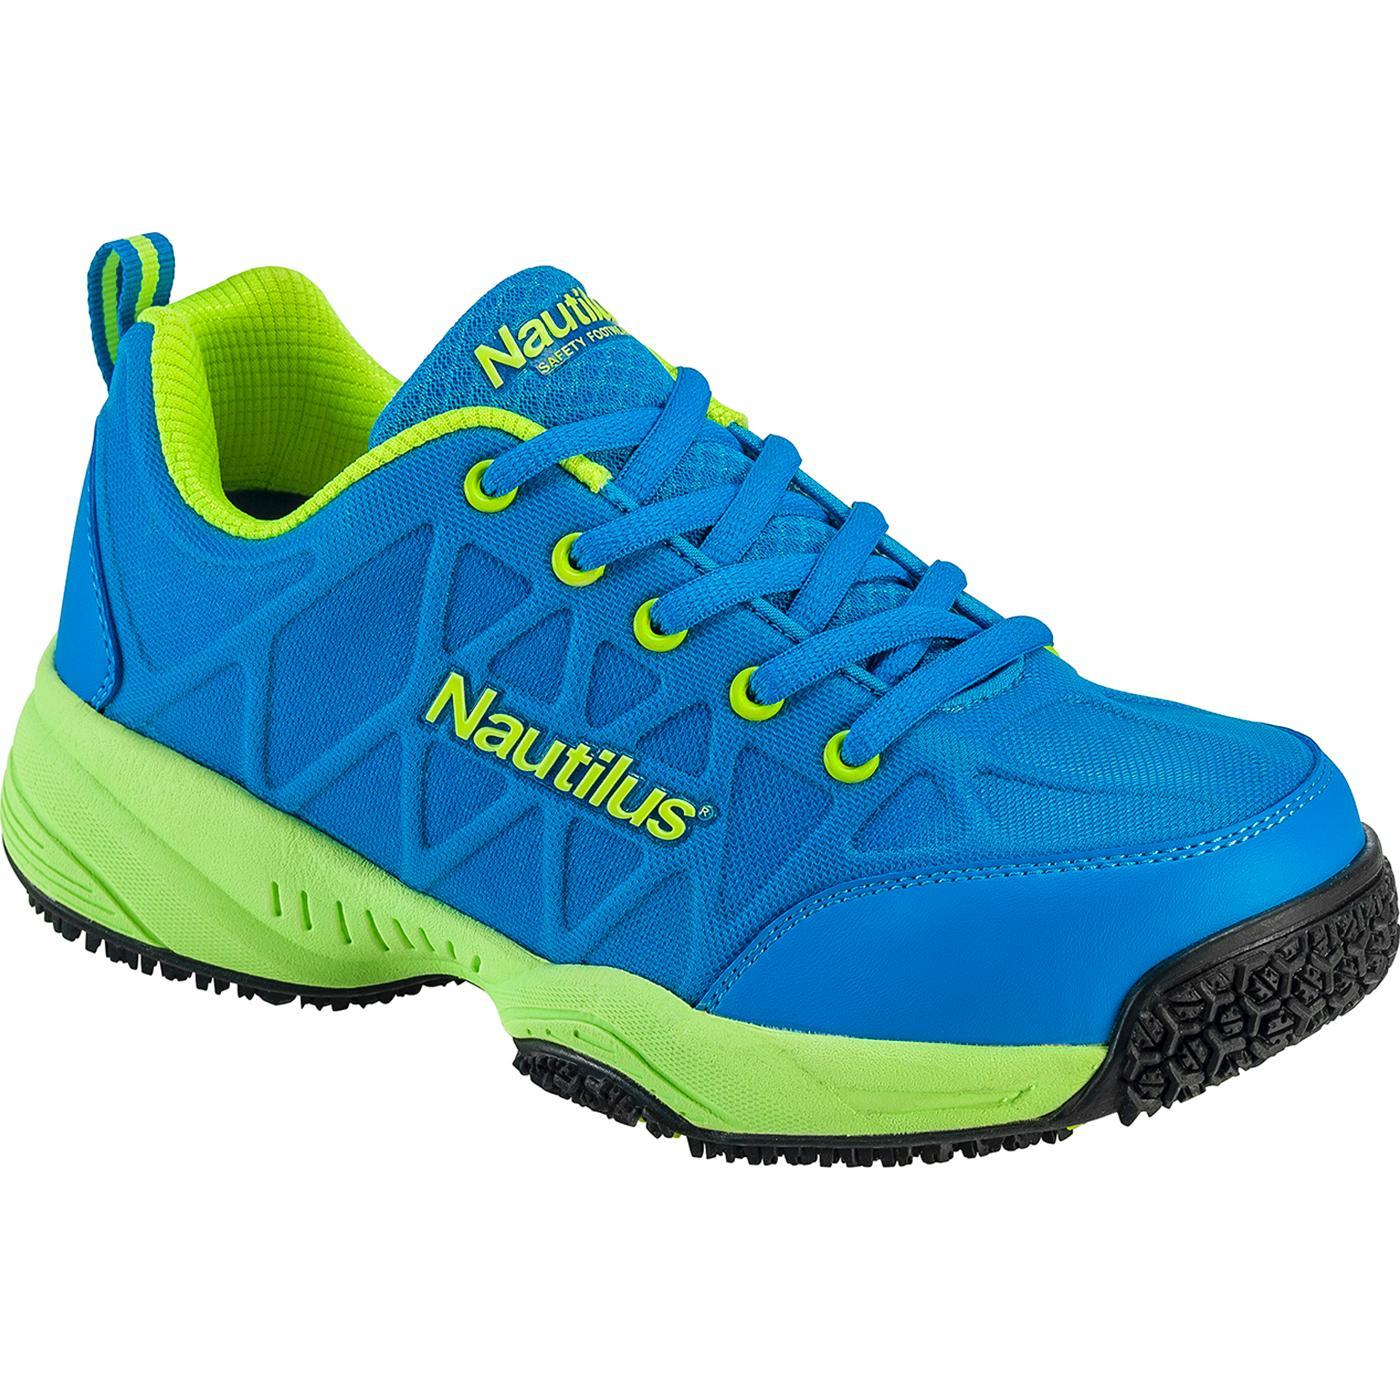 Nautilus Women s Composite Toe Slip-Resistant Work Athletic ShoeNautilus Women s  Composite Toe Slip-Resistant Work Athletic Shoe 06bdb2964